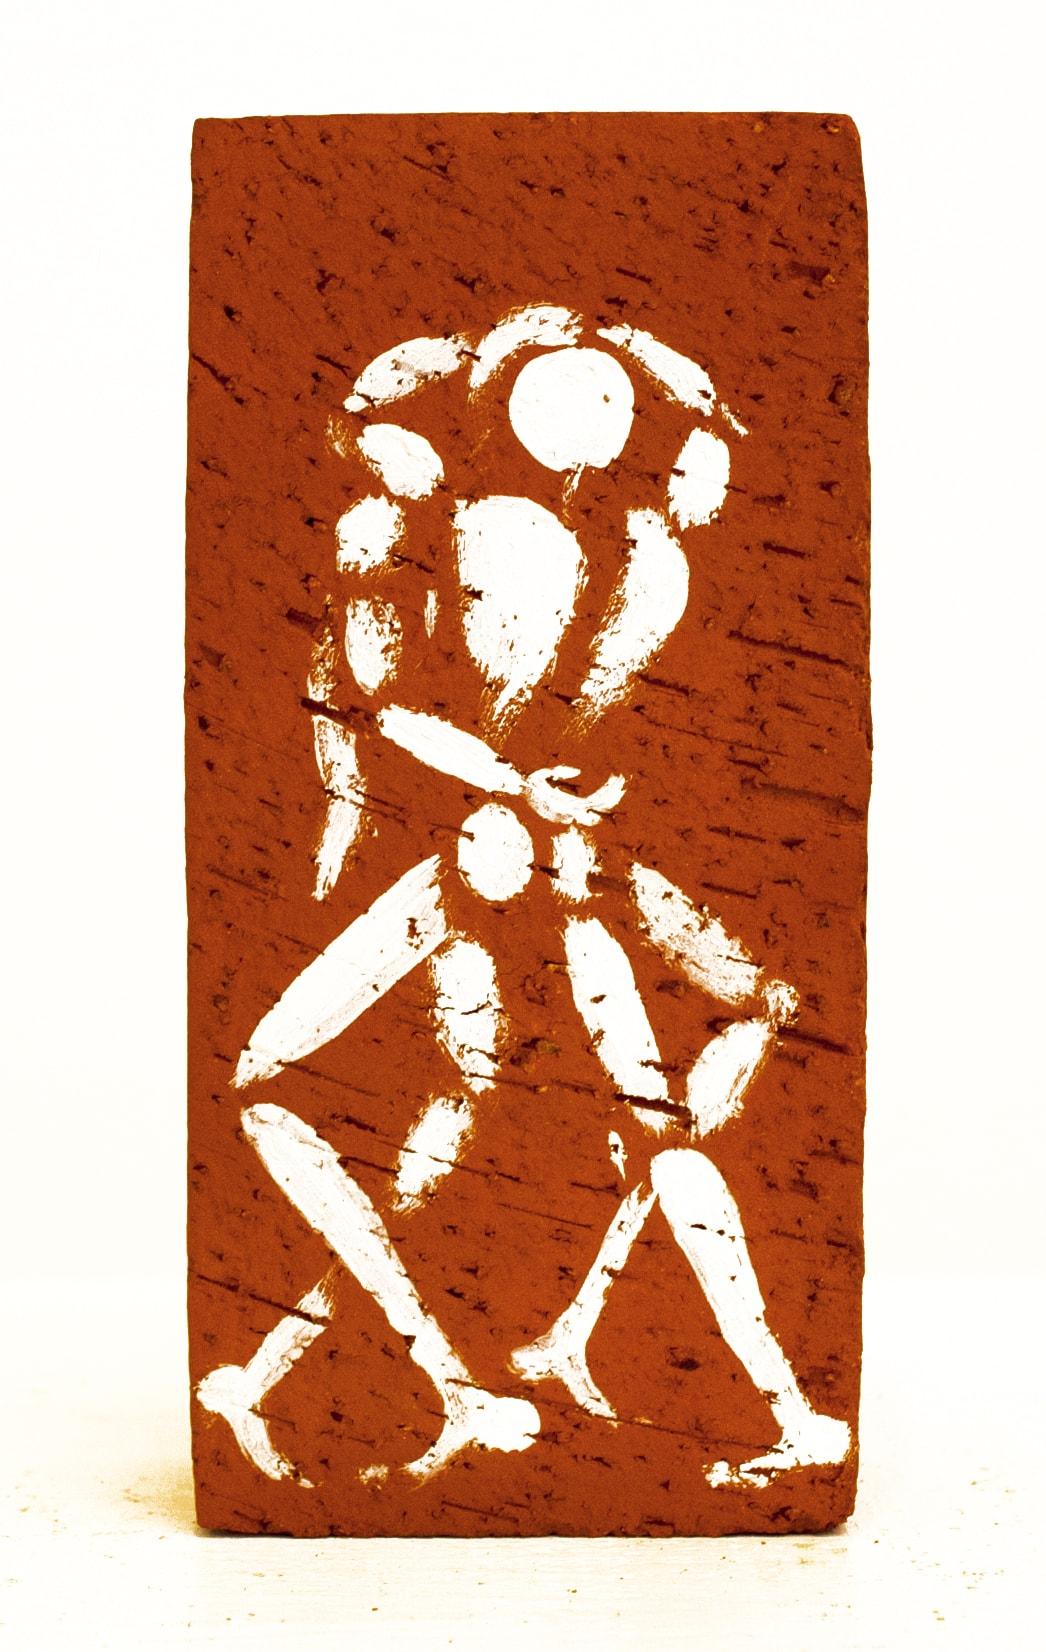 Galerie Art Jingle Jérôme MESNAGER Passion (Réf. 1) 22 x 11 x 5 cm 2021 Devant